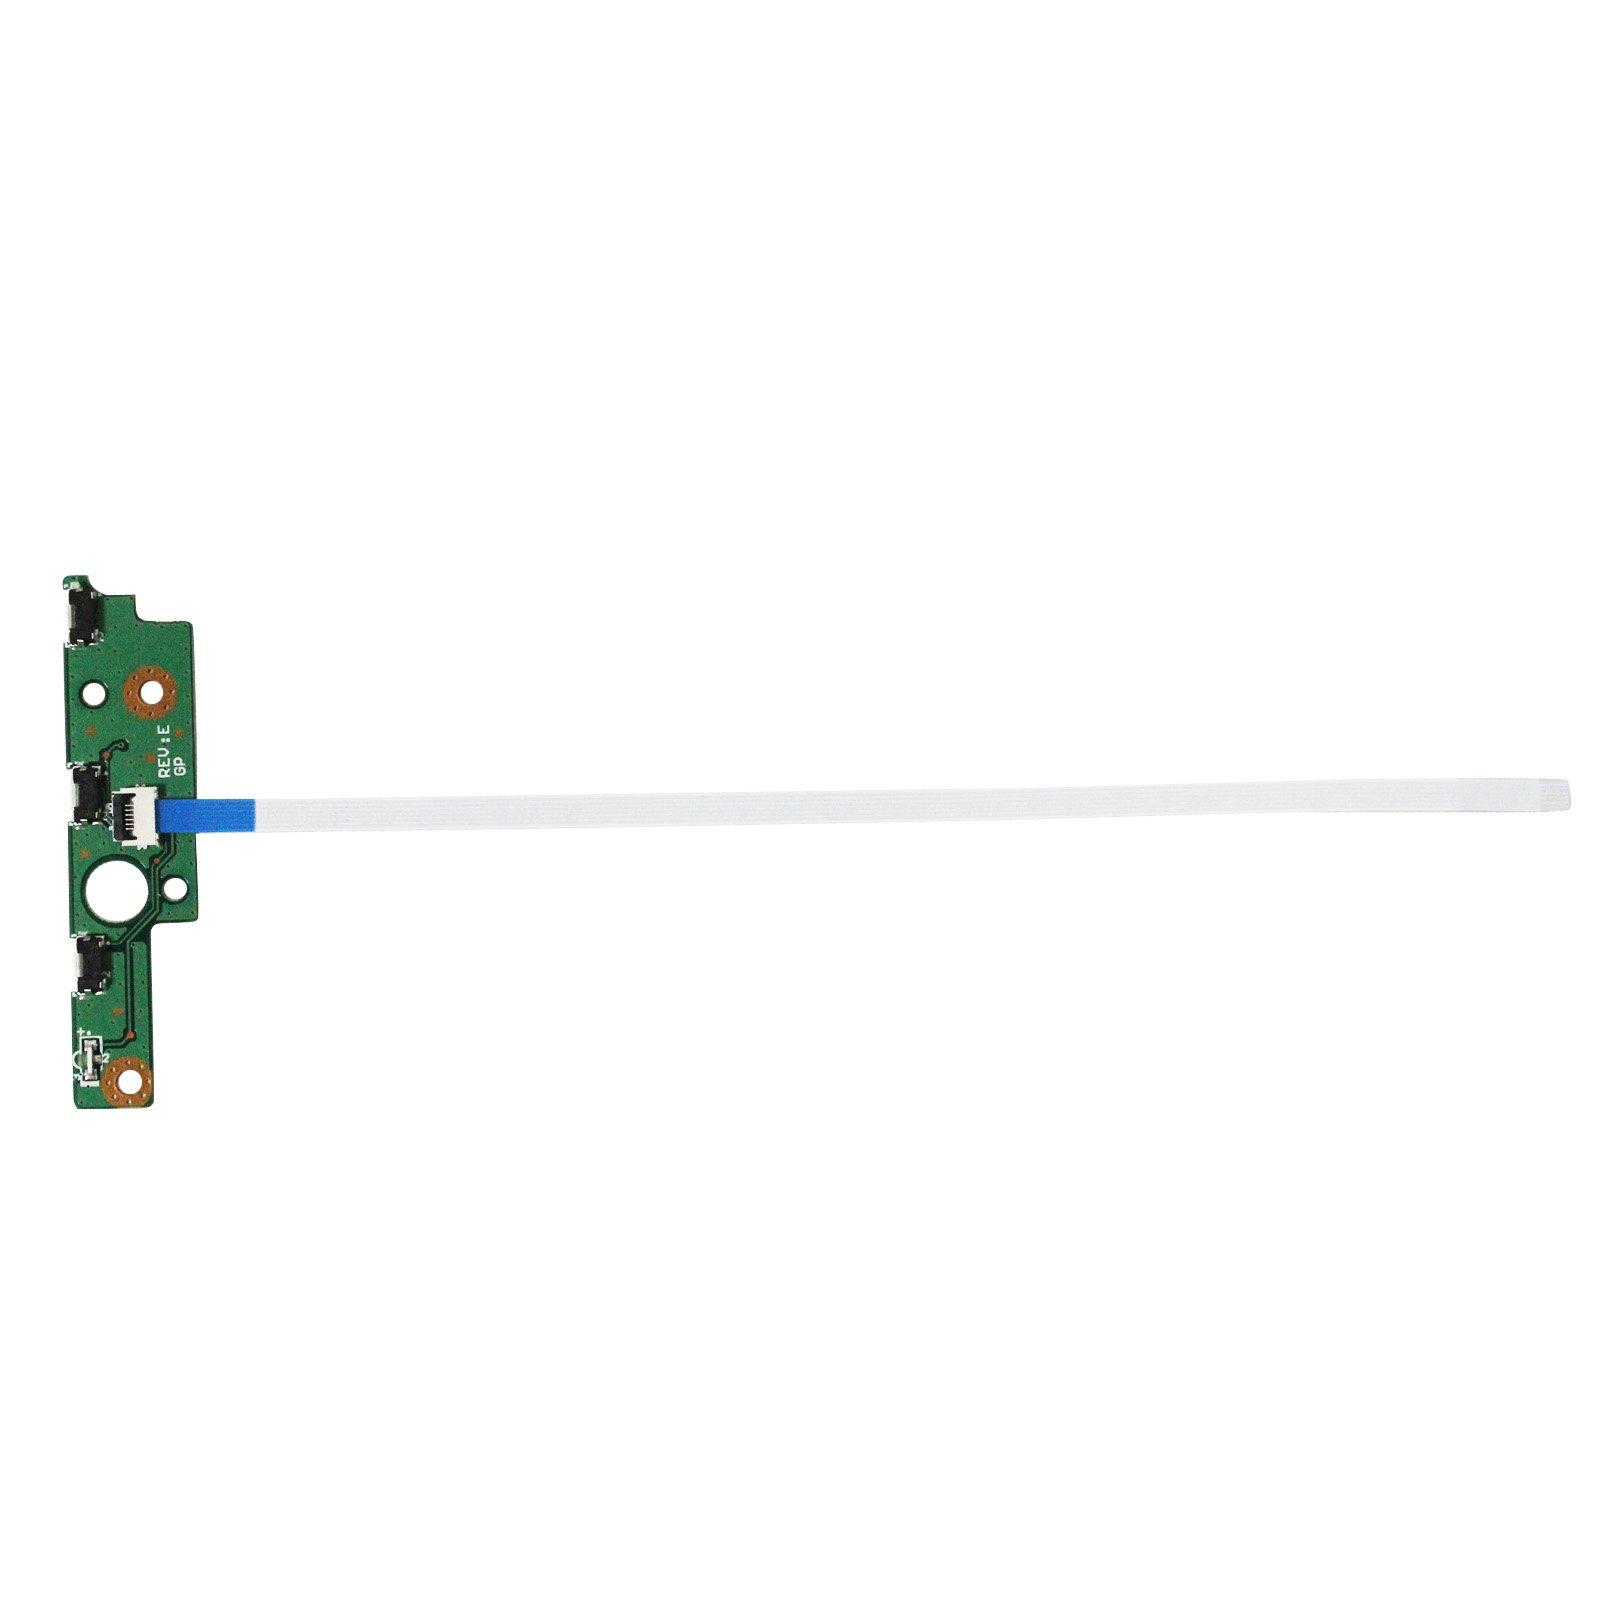 Boton encendido para Toshiba P55W-B5220 P55W-B5224 3PBLSPB00